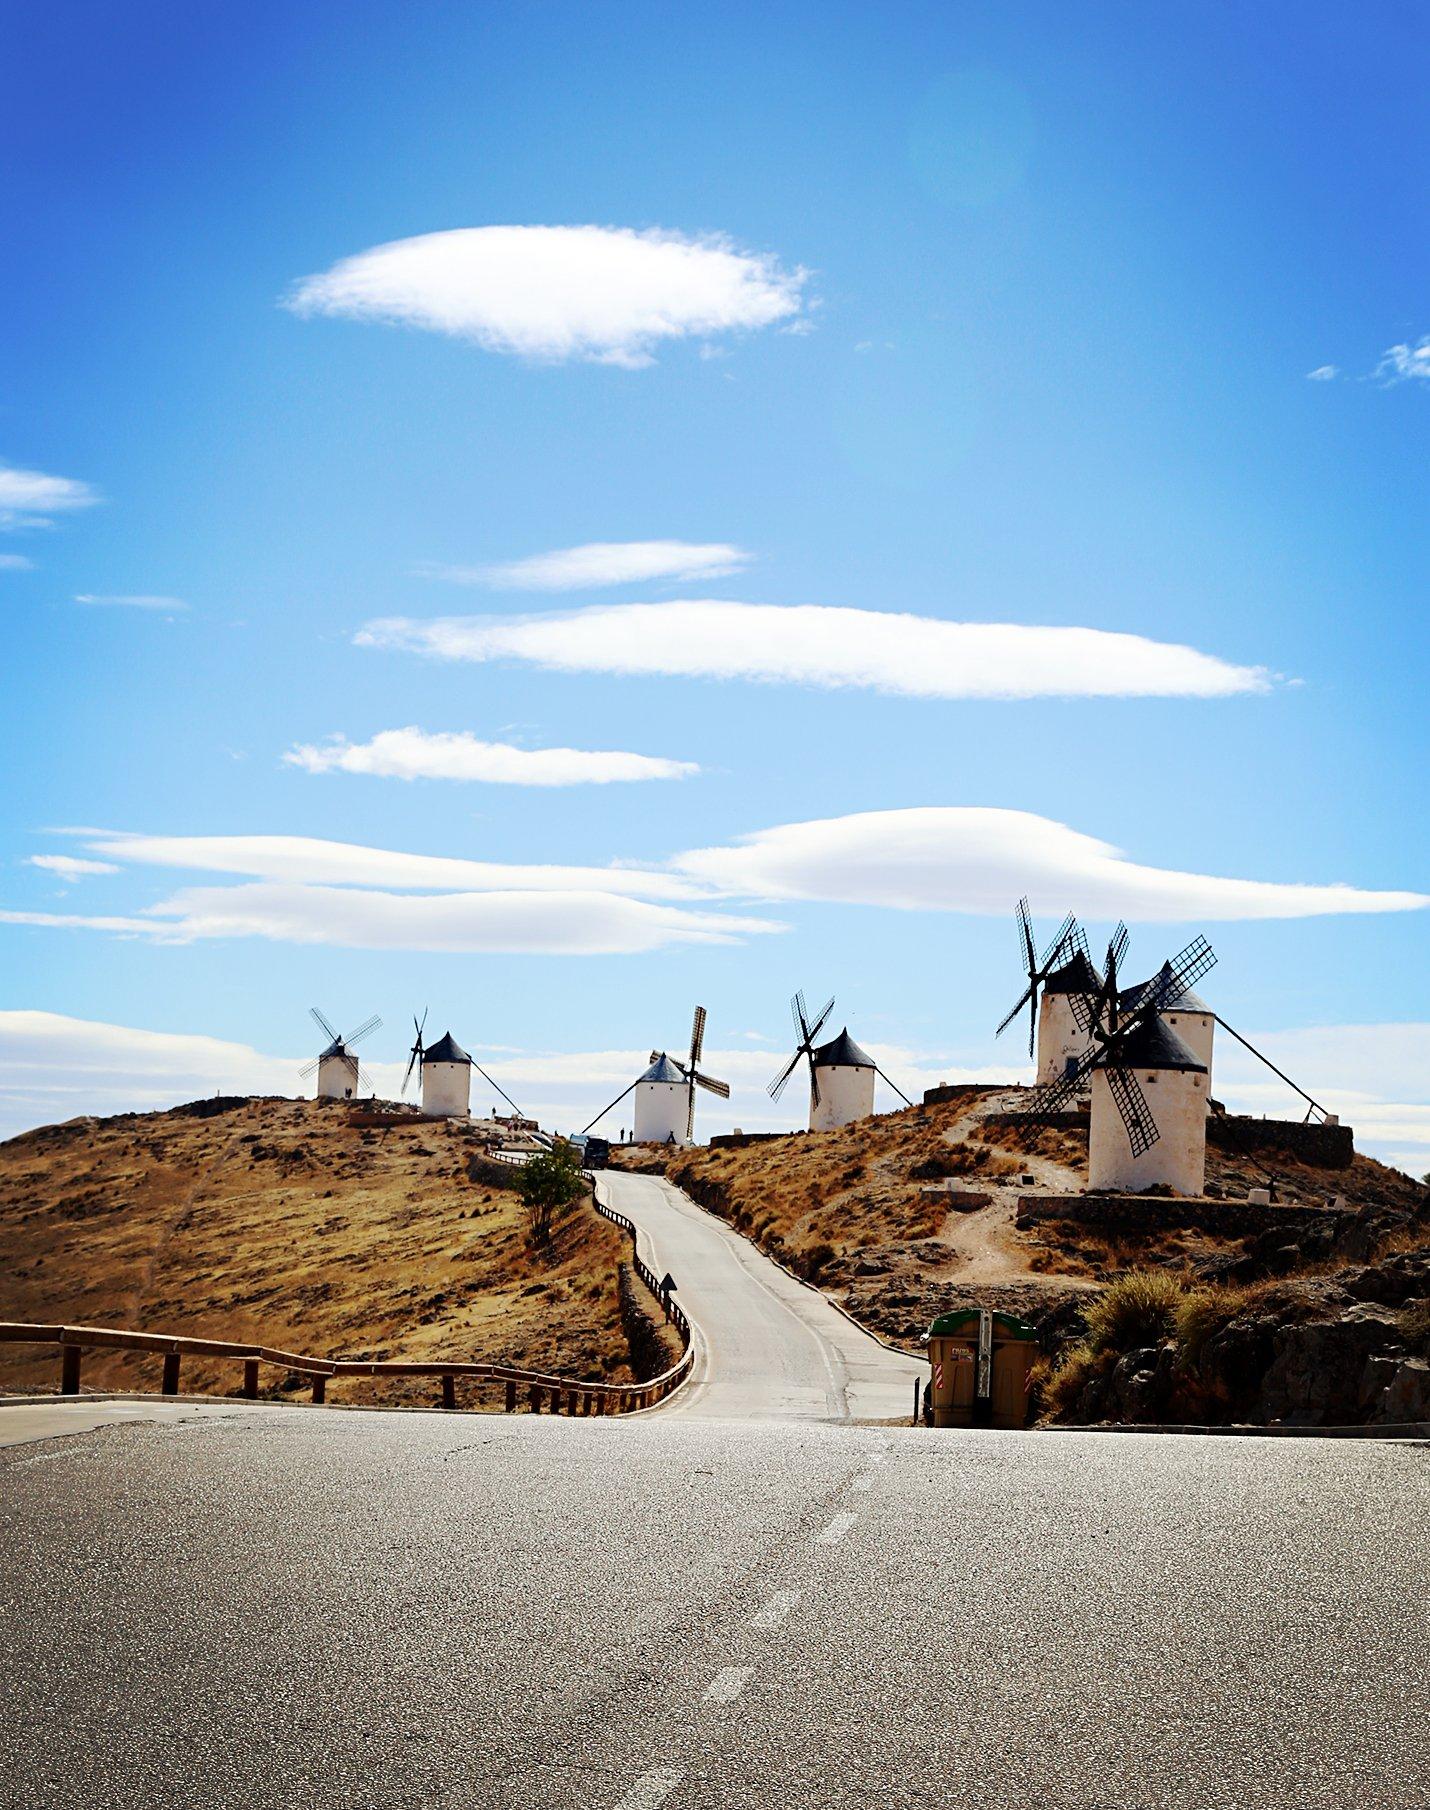 2015国庆半月自驾西班牙葡萄牙直布罗陀 浮生千重变 西葡梦一场